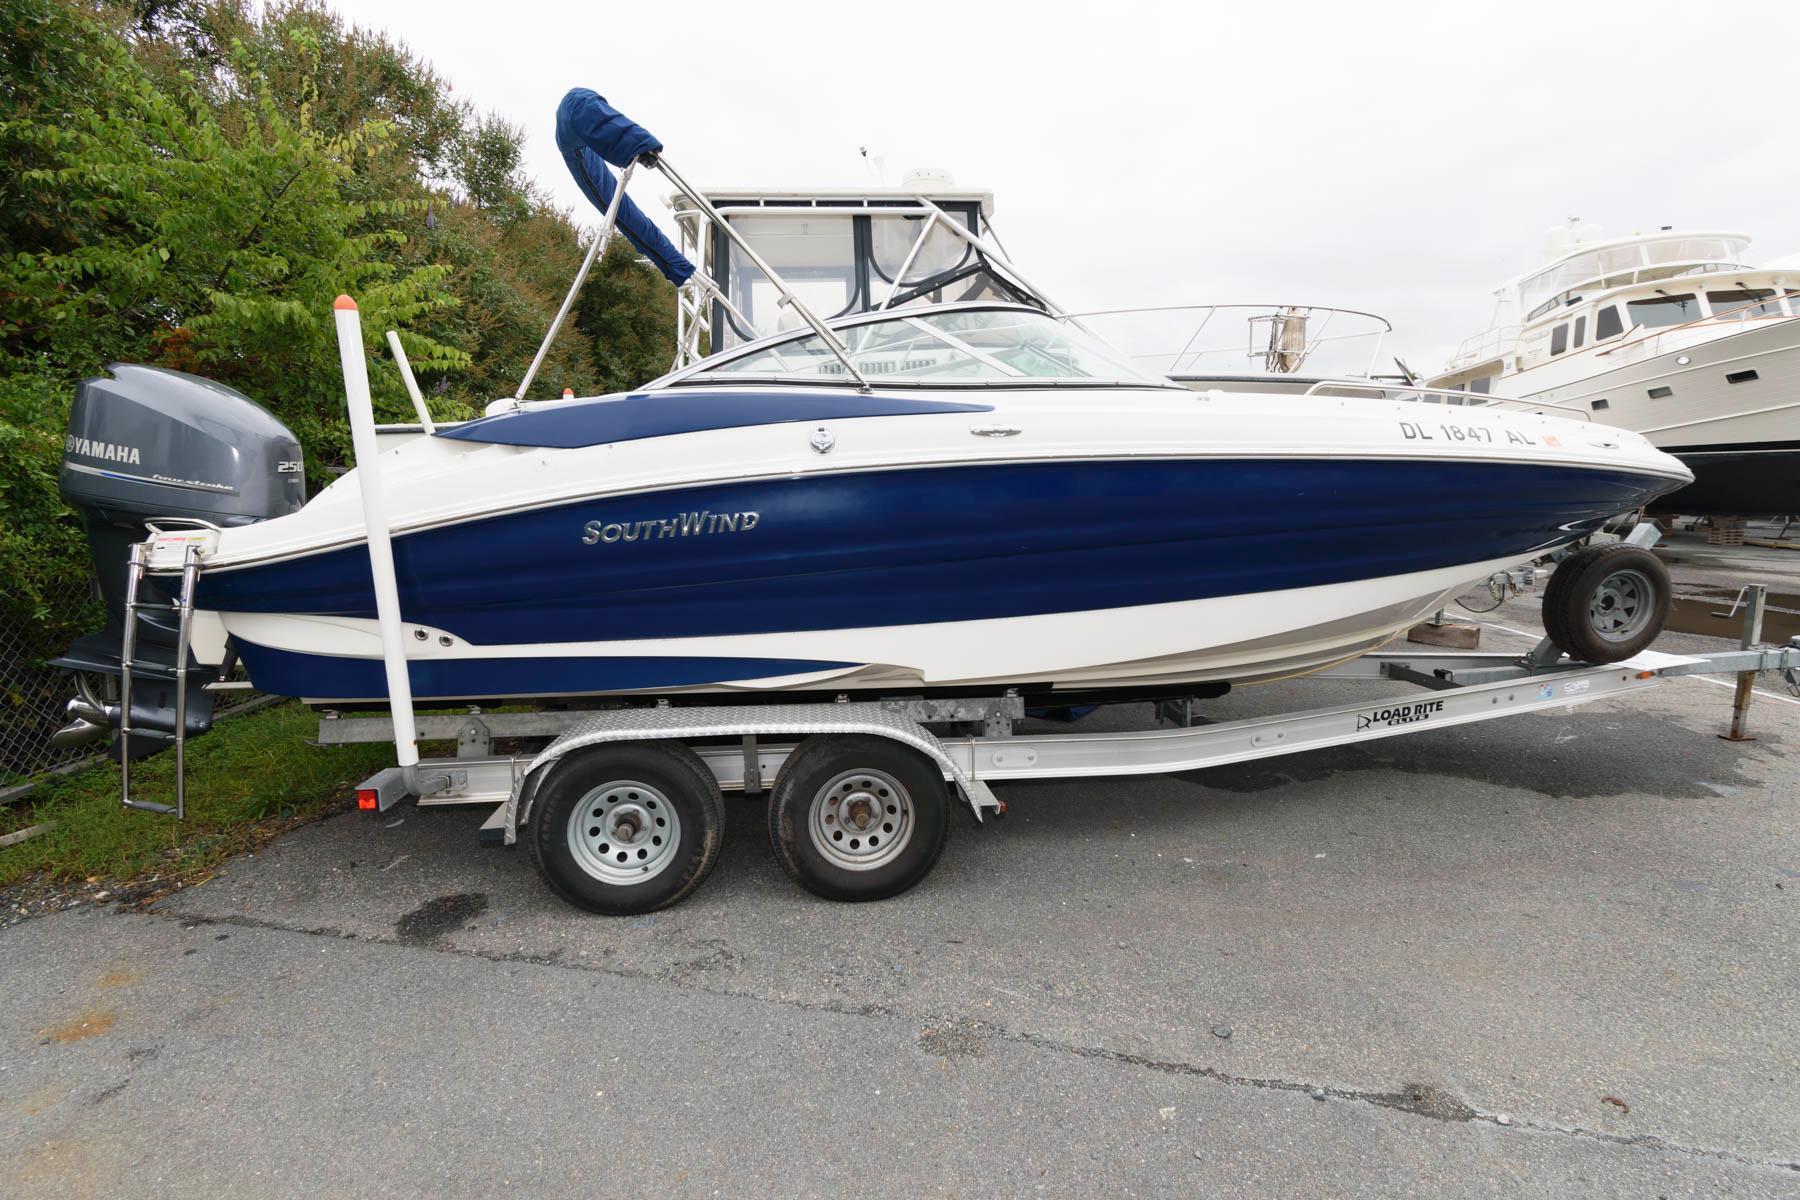 M 6507 WT Knot 10 Yacht Sales